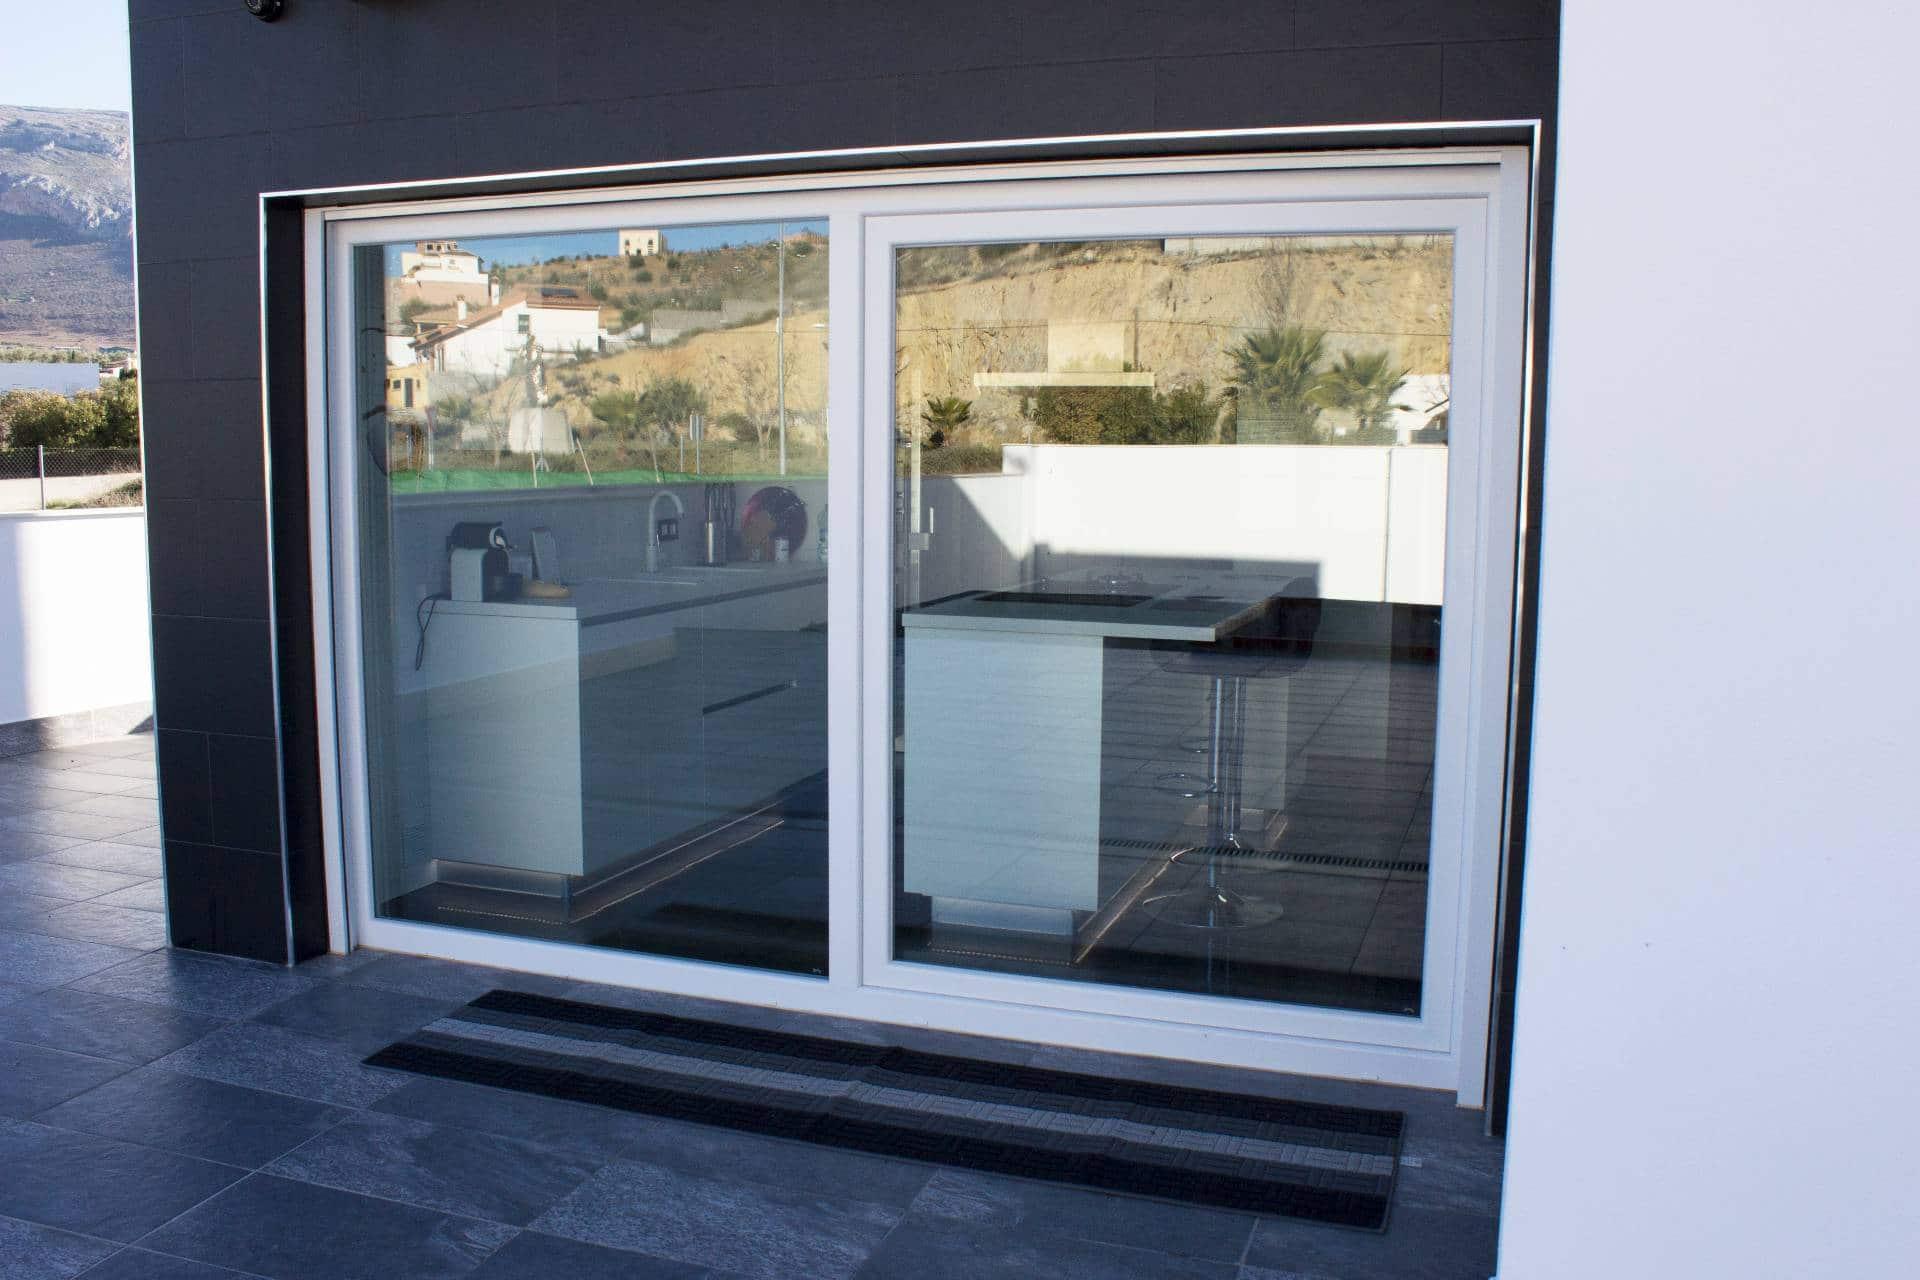 Instalaci n de puertas y ventanas de carpinter a pvc en for Instalacion de puertas